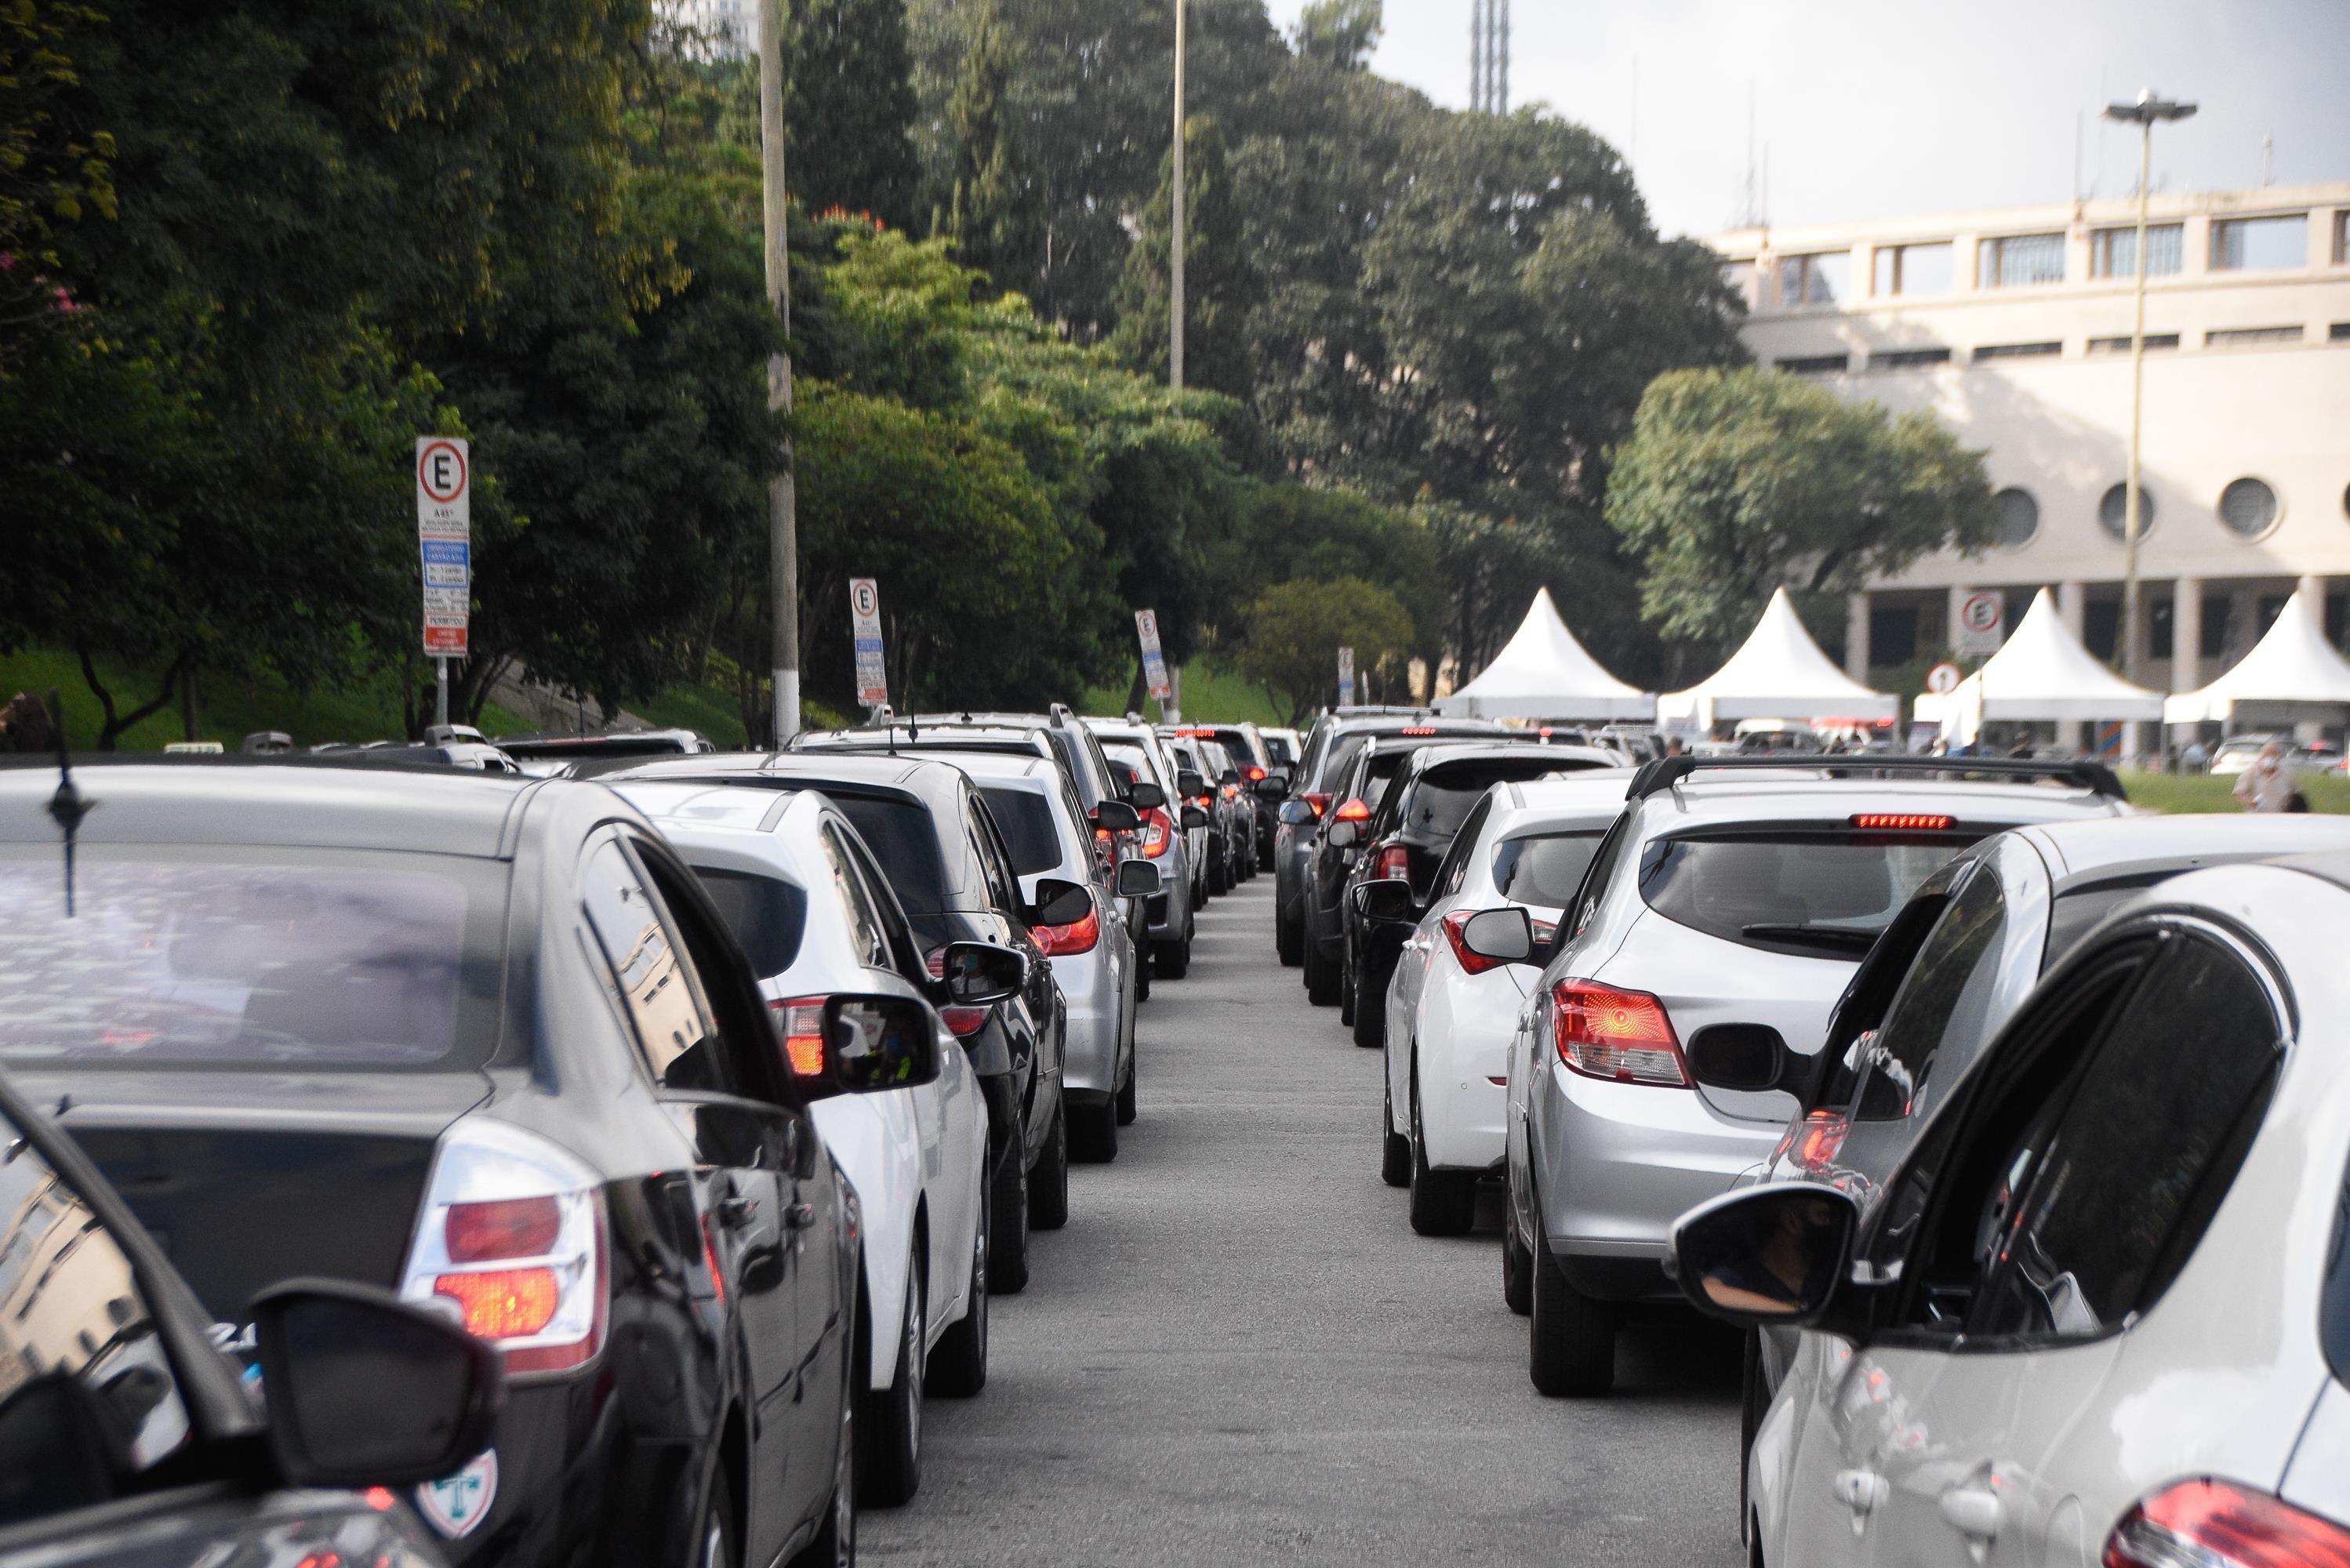 Vacinação de idosos contra Covid-19 na capital de SP entra no 2º dia com filas de carros; seis postos drive-thru abrem neste domingo